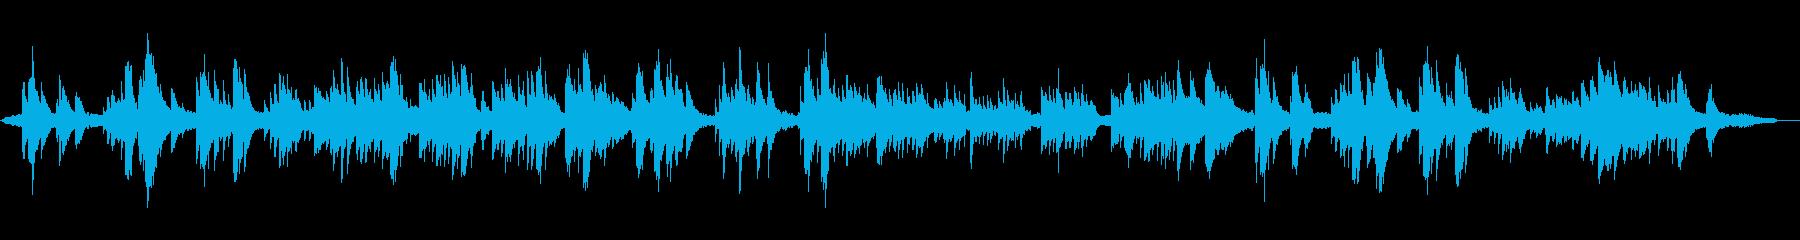 命・天国・空のイメージのヒーリングピアノの再生済みの波形